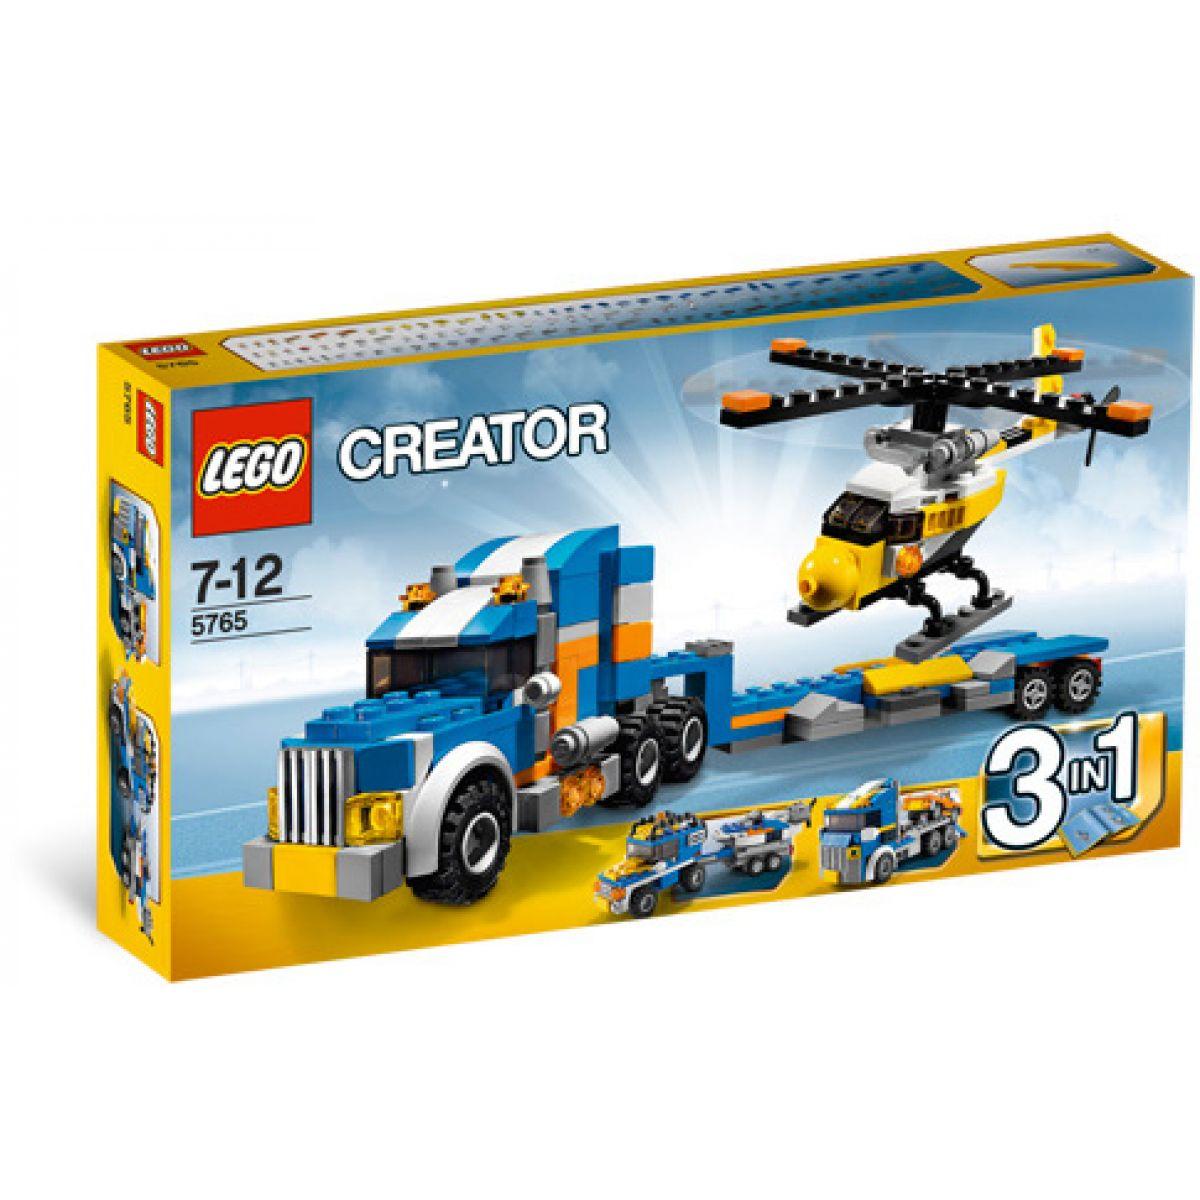 LEGO Creator 5765 Kamión #5